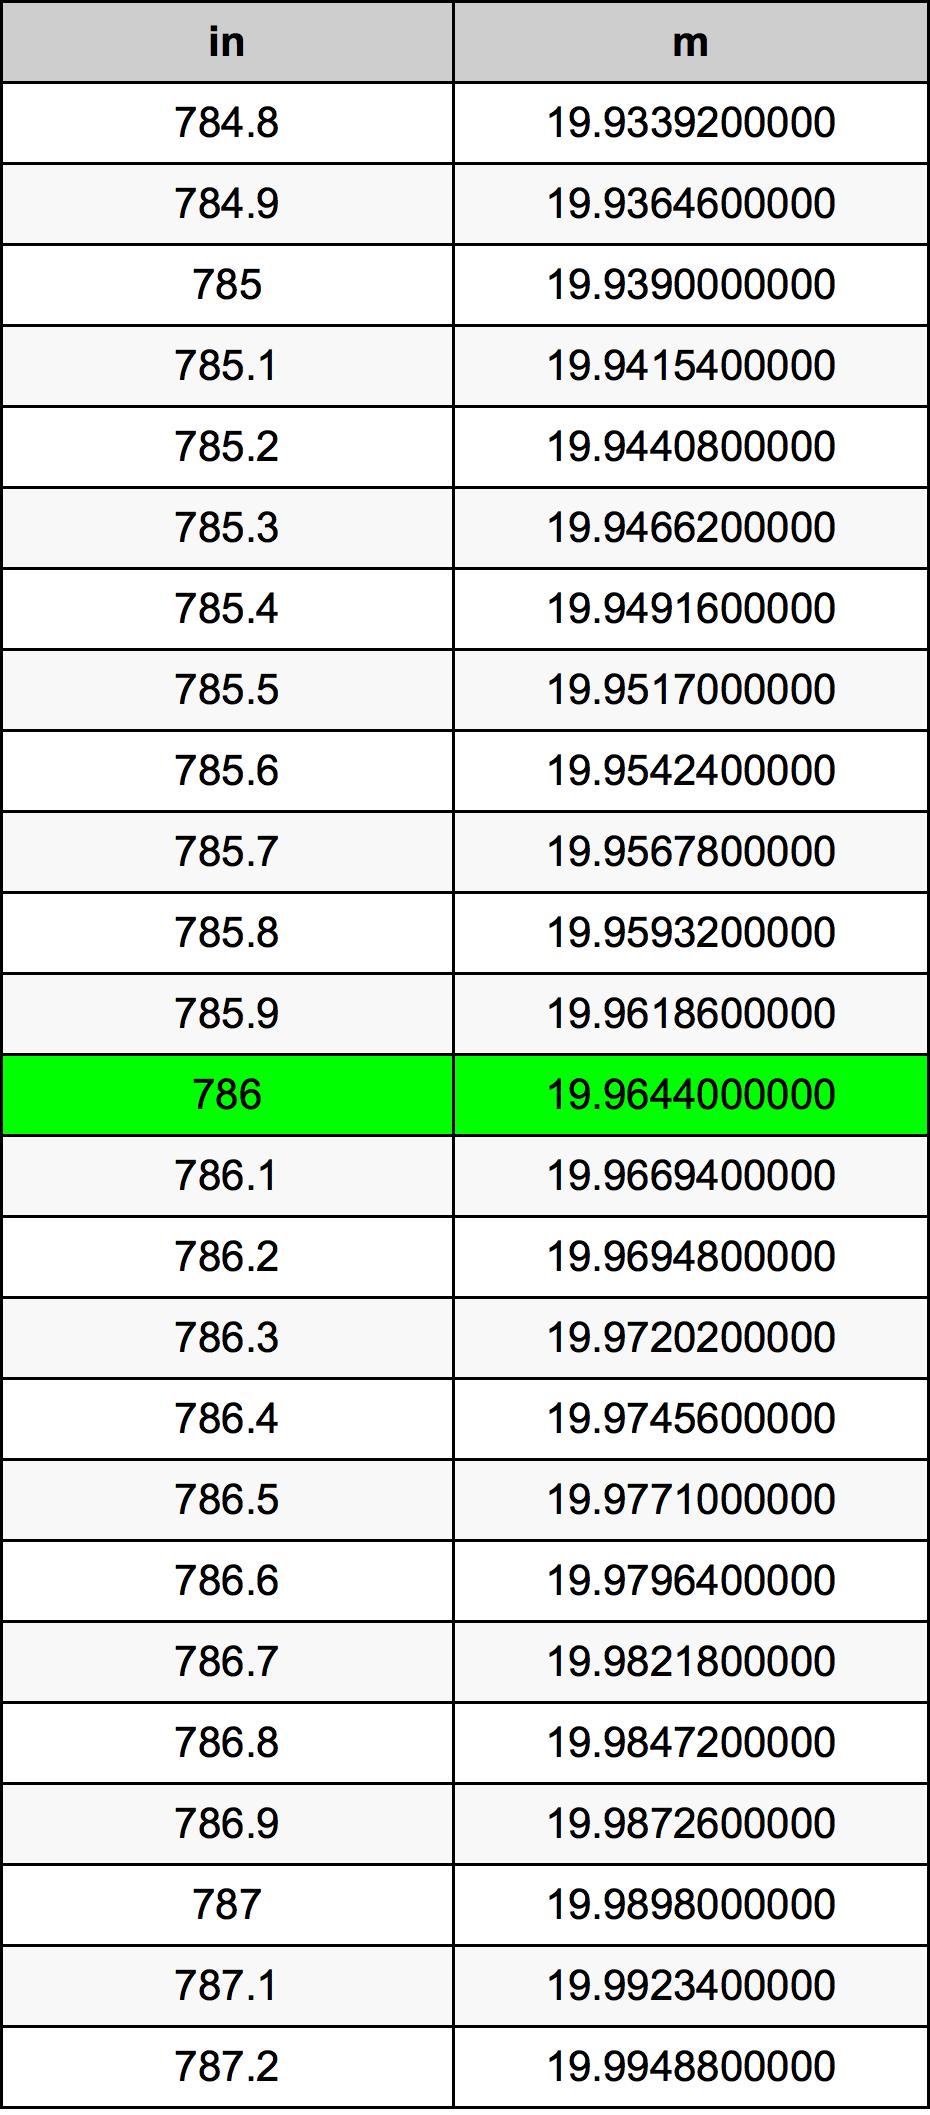 786 Tomme konverteringstabellen